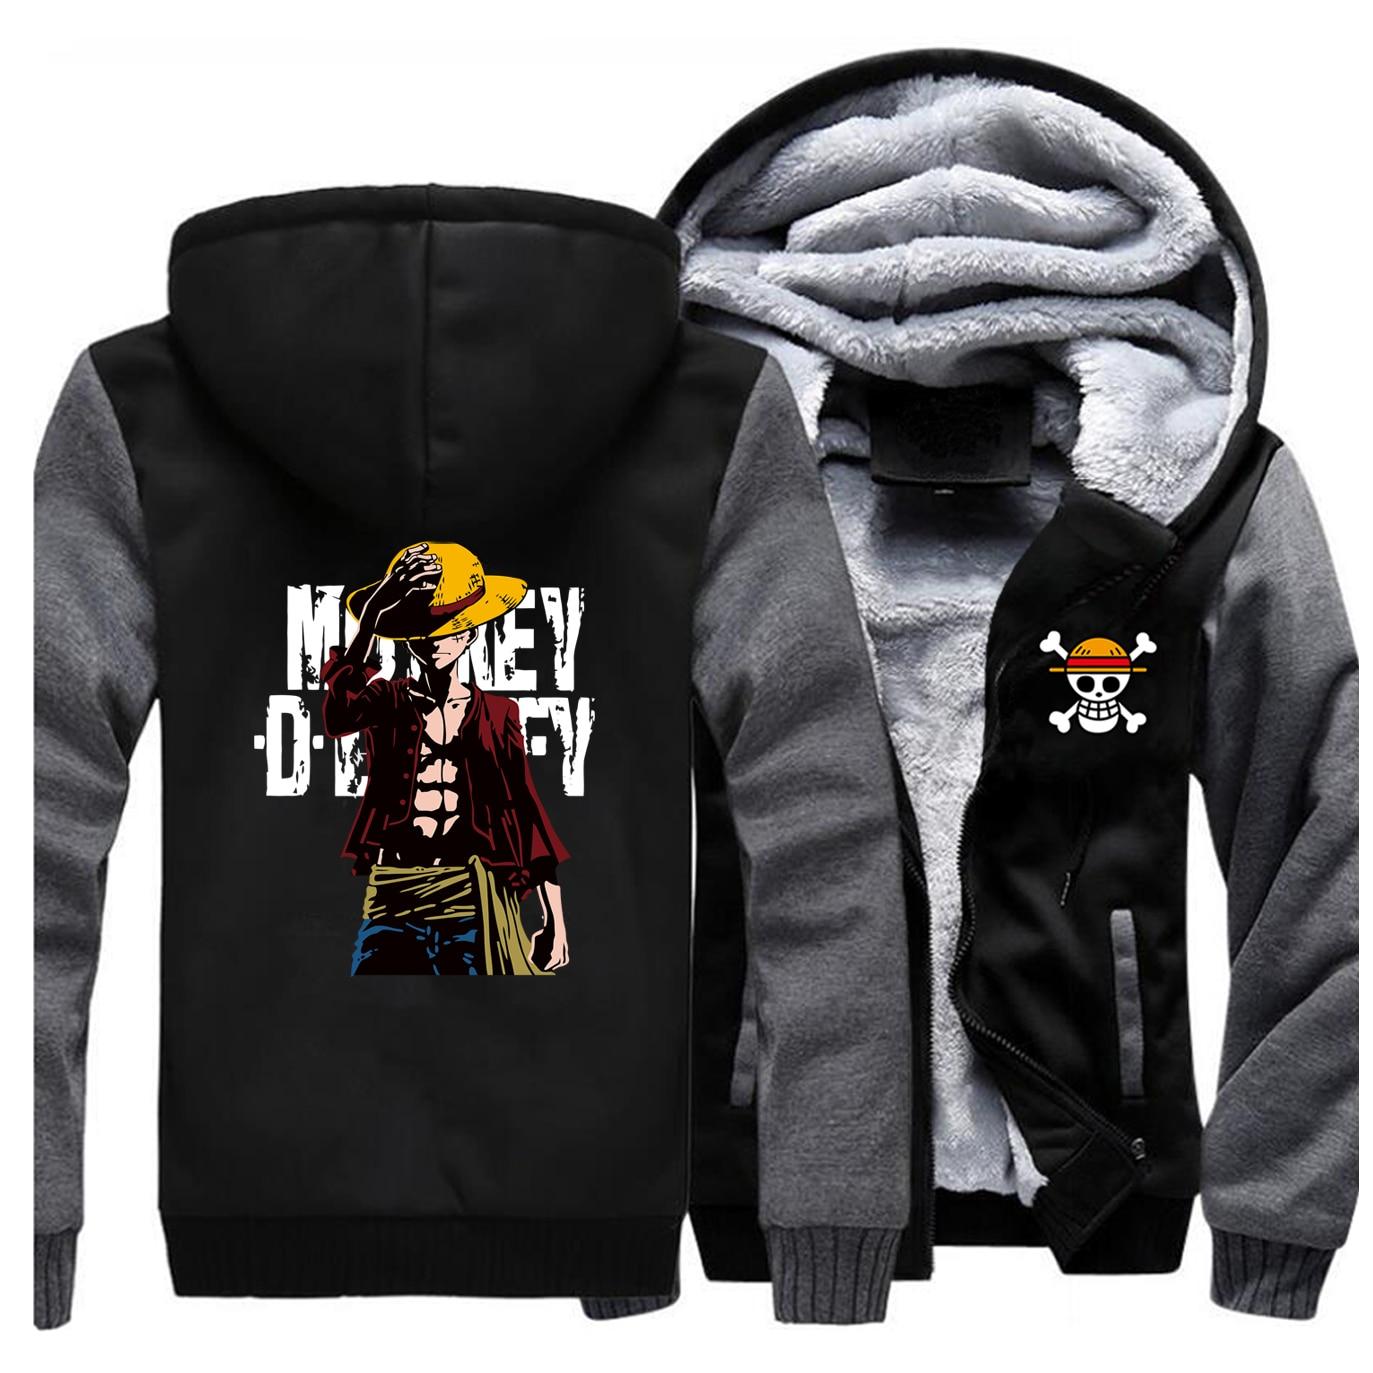 Одна штука куртки мужские Луффи Толстовка в стиле японского аниме толстовки зимние толстые молнии флис пиратский король пальто куртка спортивная одежда